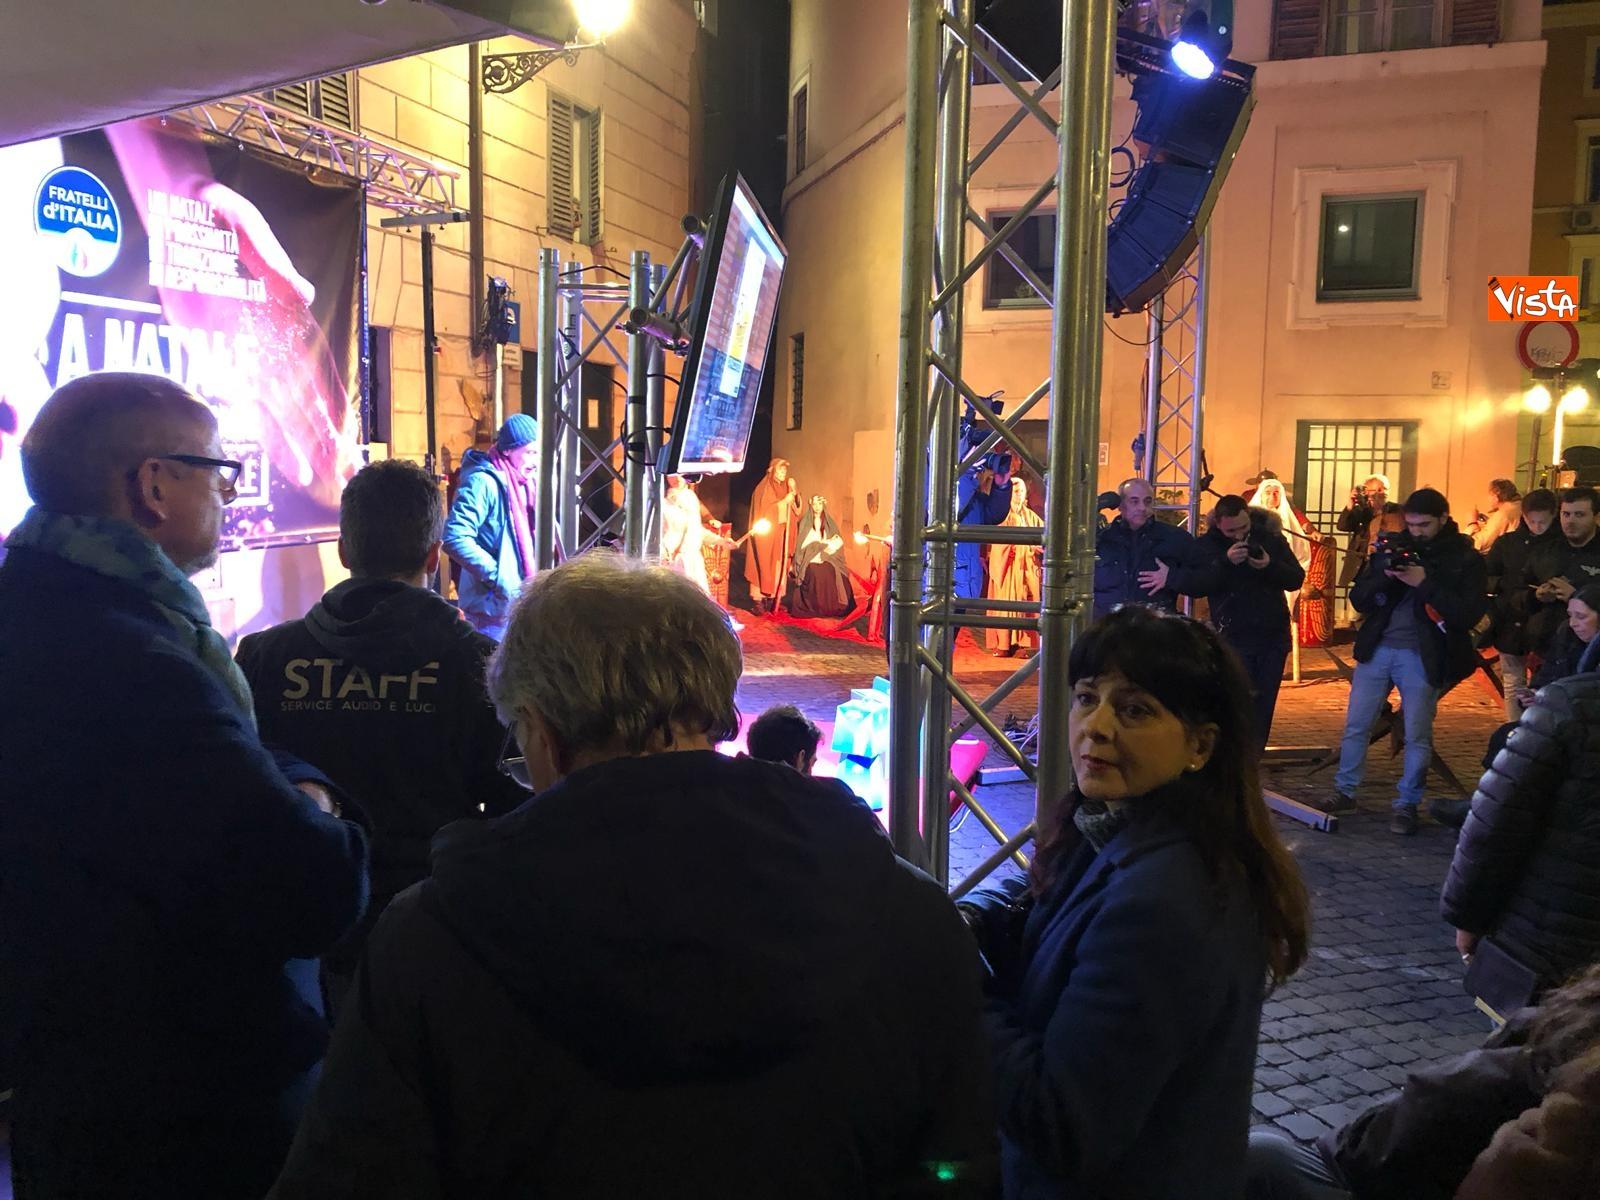 La festa di natale di Fratelli d'Italia, tra prodotti locali e tombolata sovranista_02